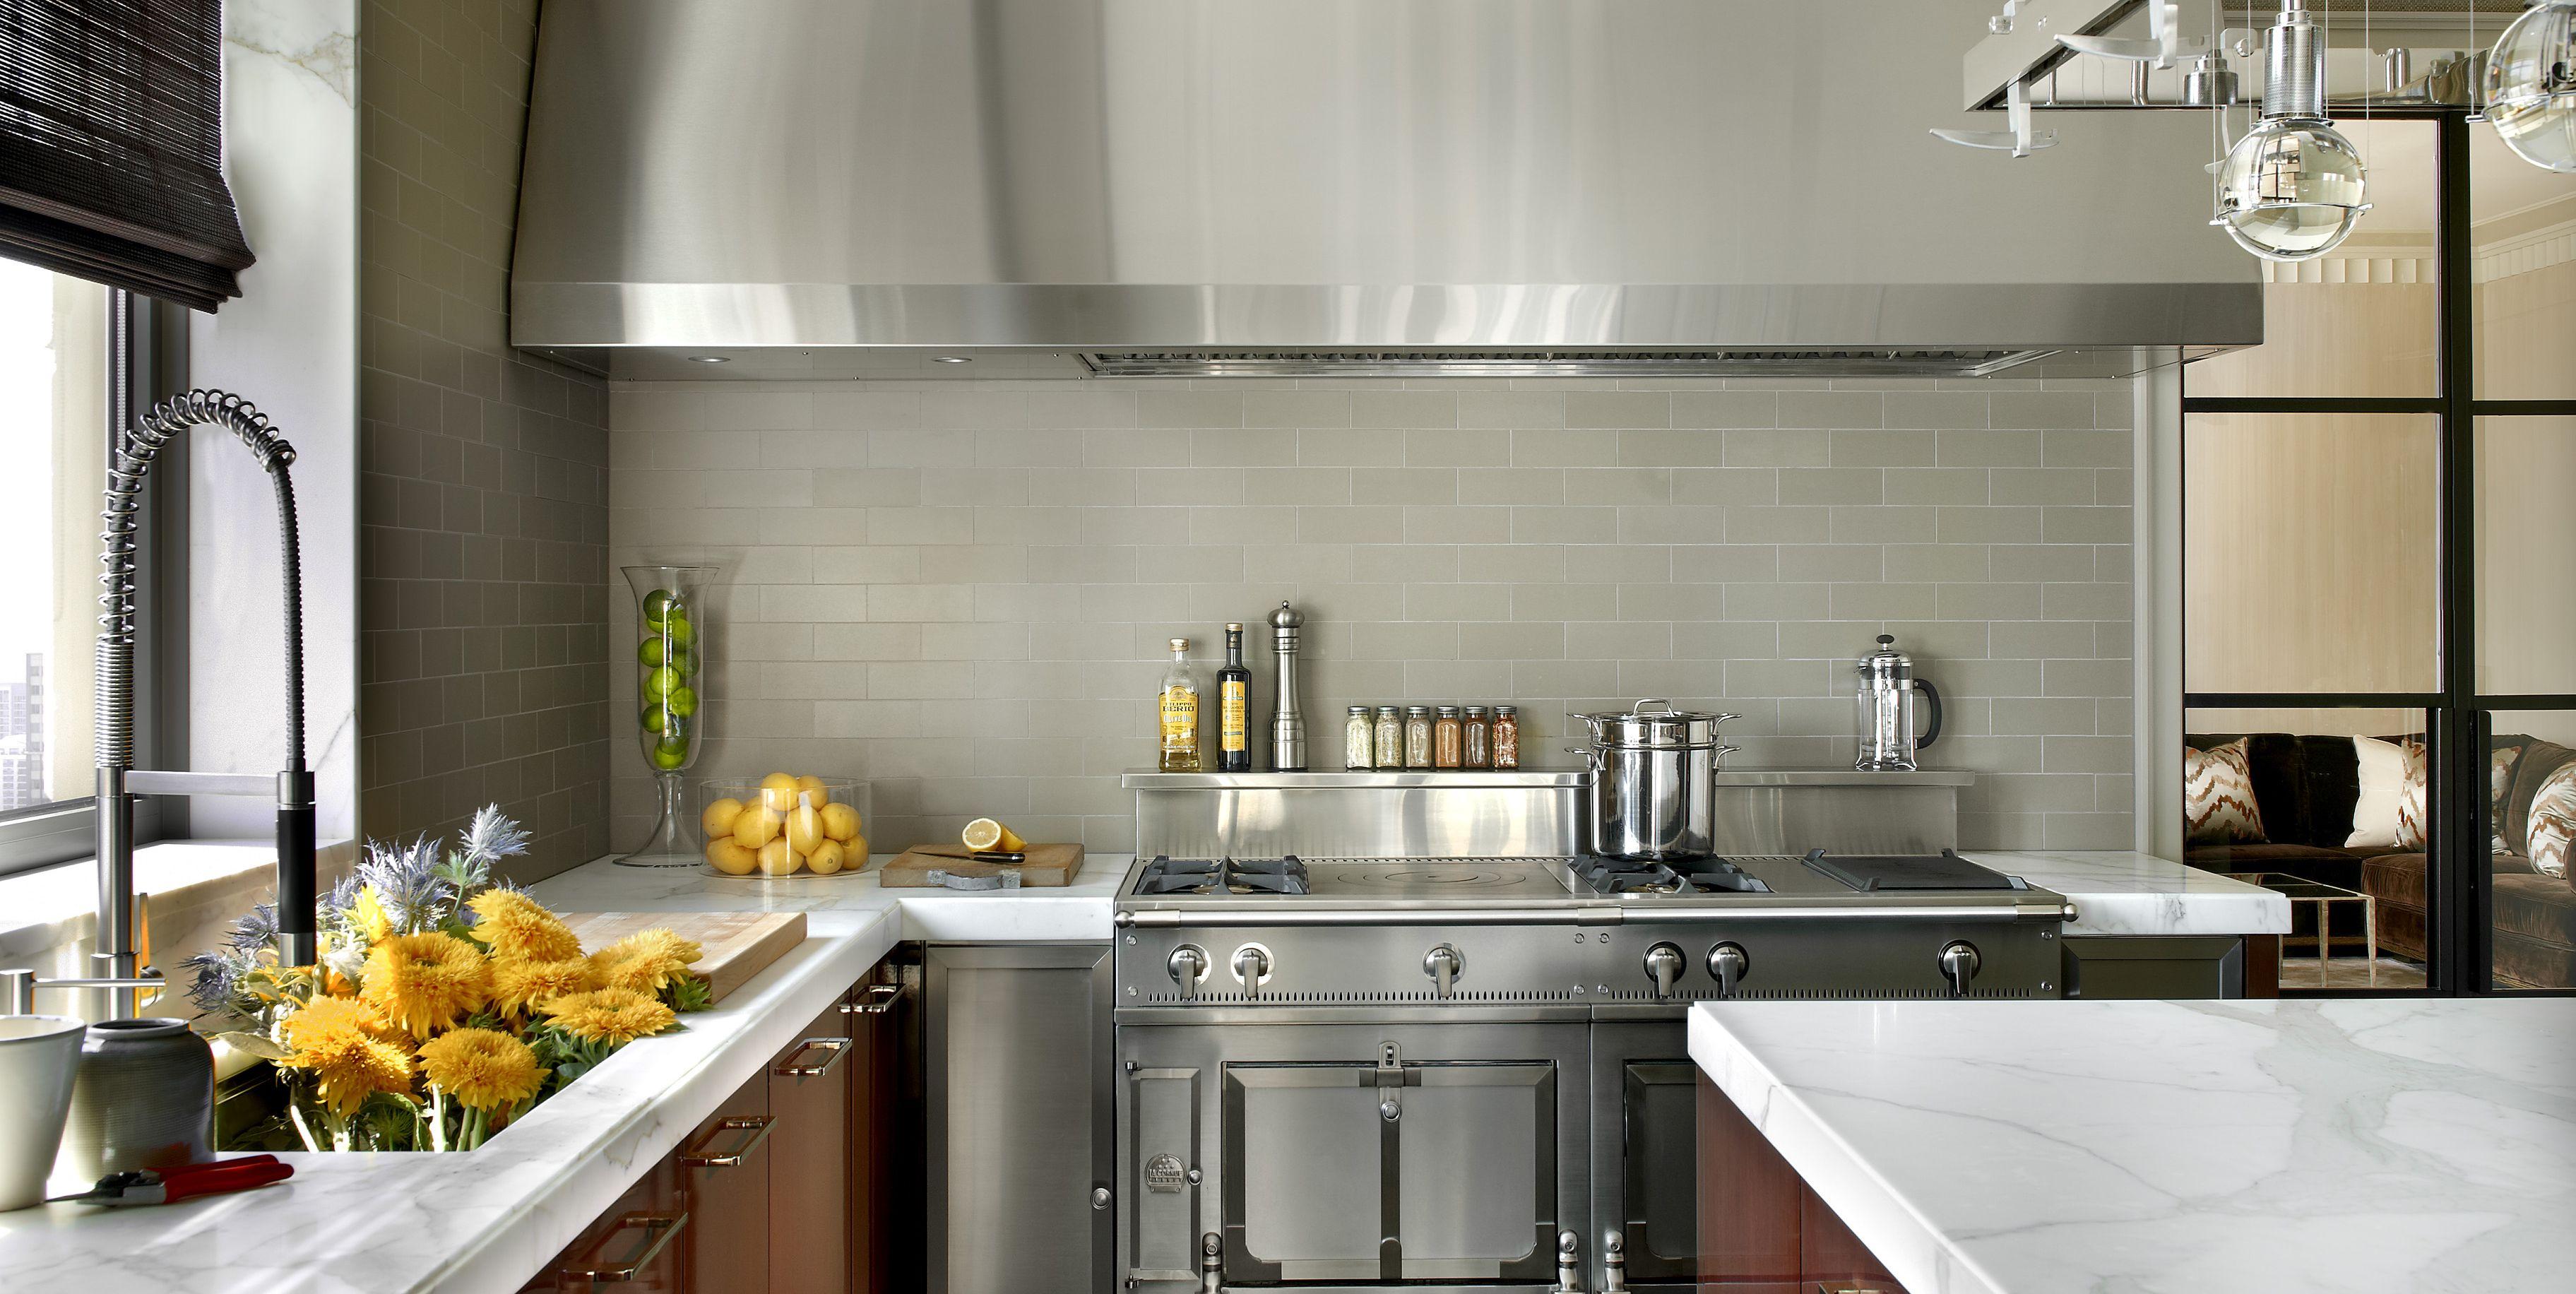 Kitchen Styles Stunning 50 Best Kitchen Styles  Dream Kitchen Ideas Inspiration Design